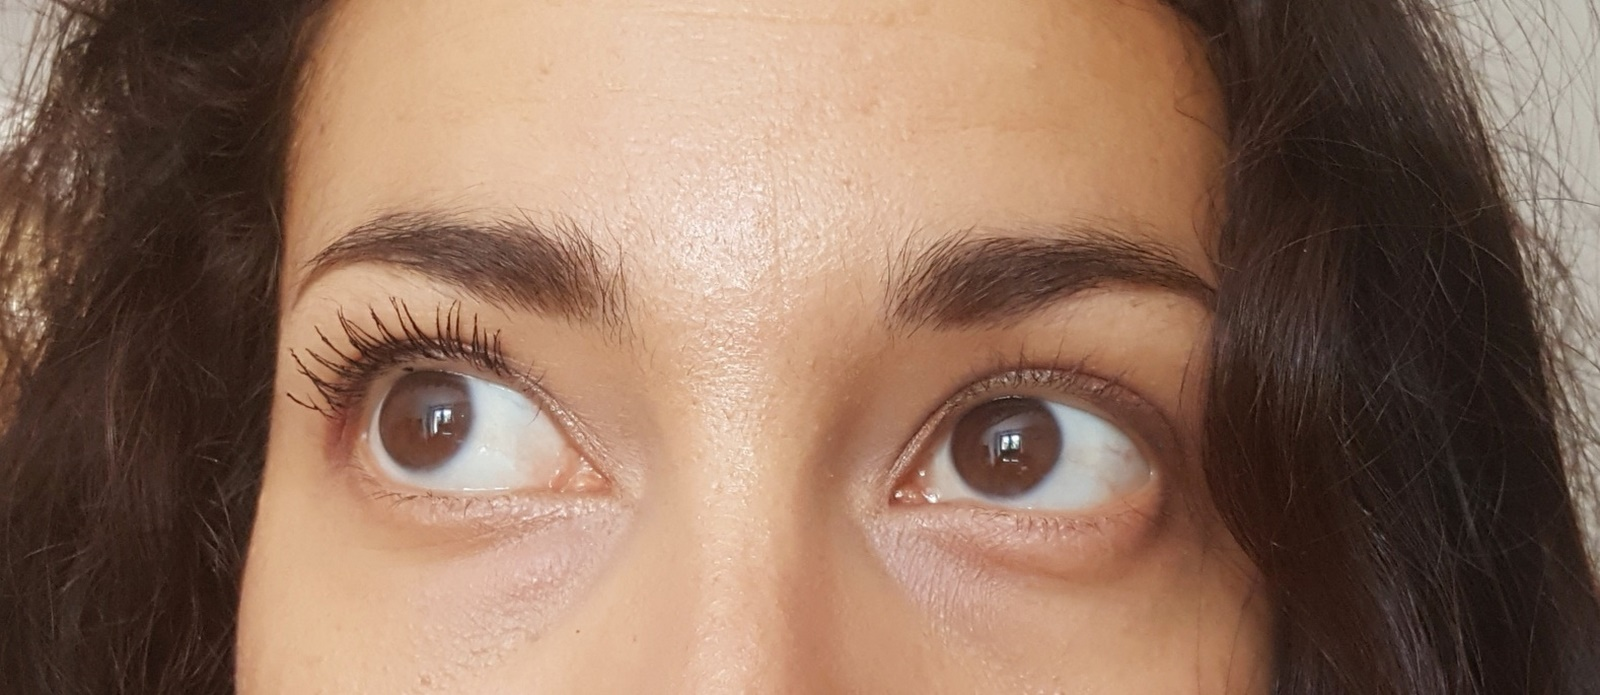 mascara upcils l'Atelier du Sourcil test